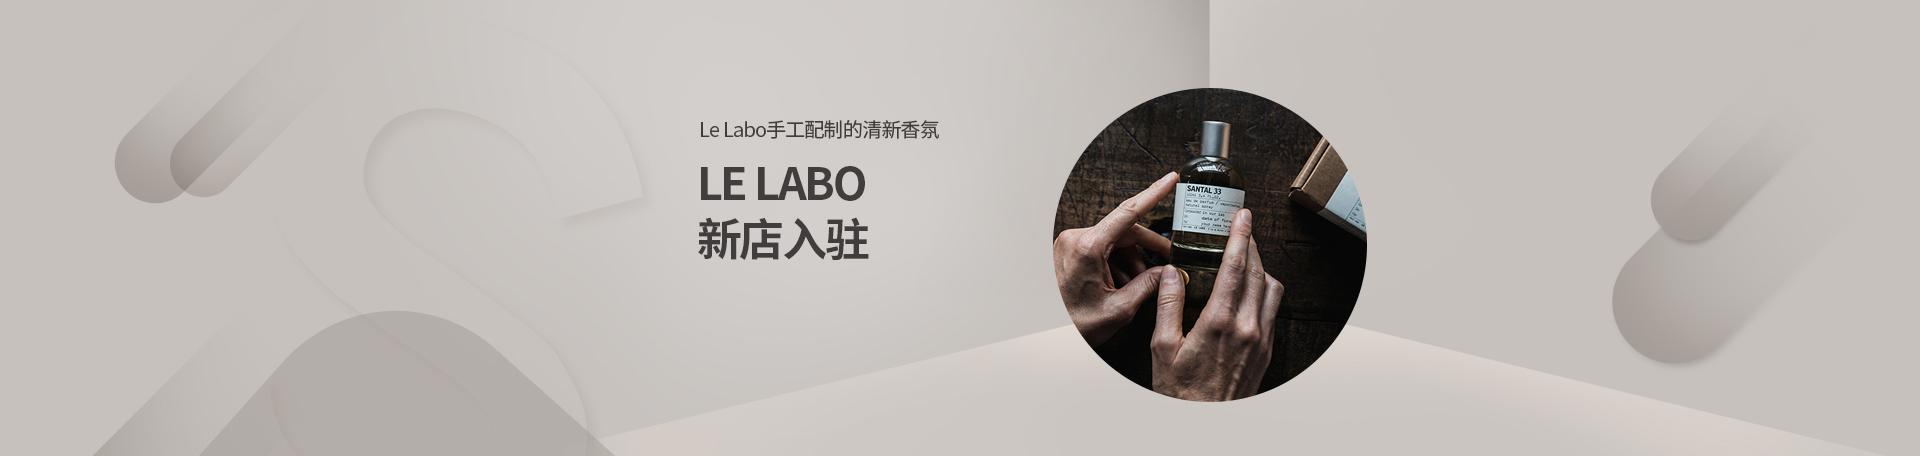 LE LABO 新店入驻